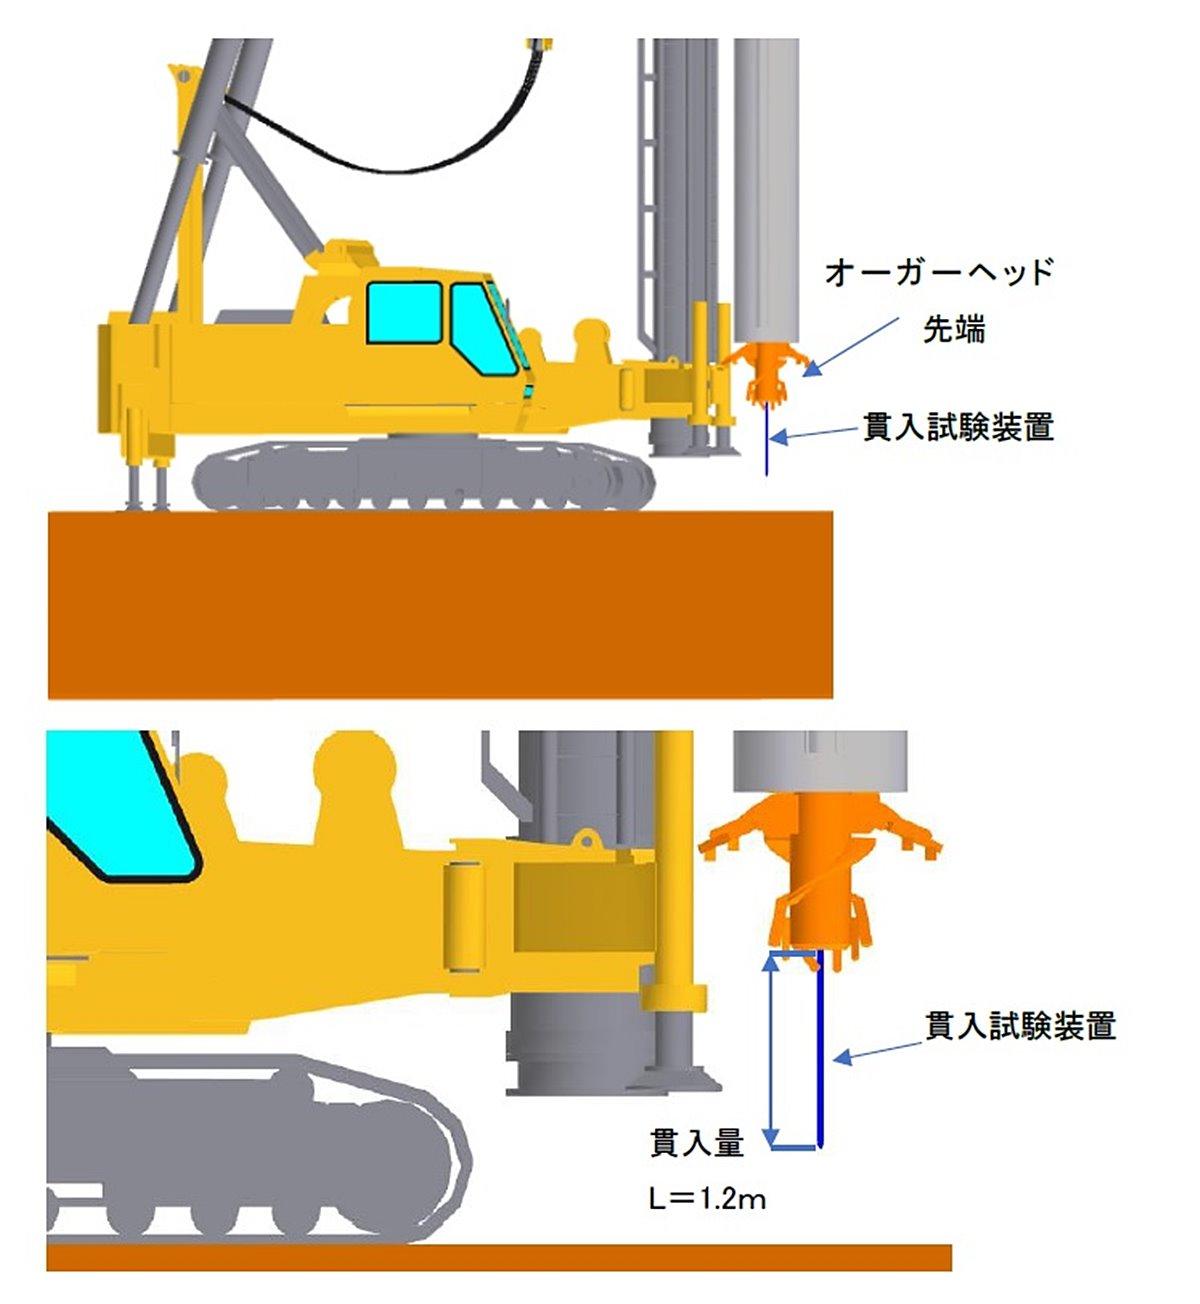 既製杭の支持層を確実に検出するシステムを奥村組らが開発、既に深度15mの地盤で実証